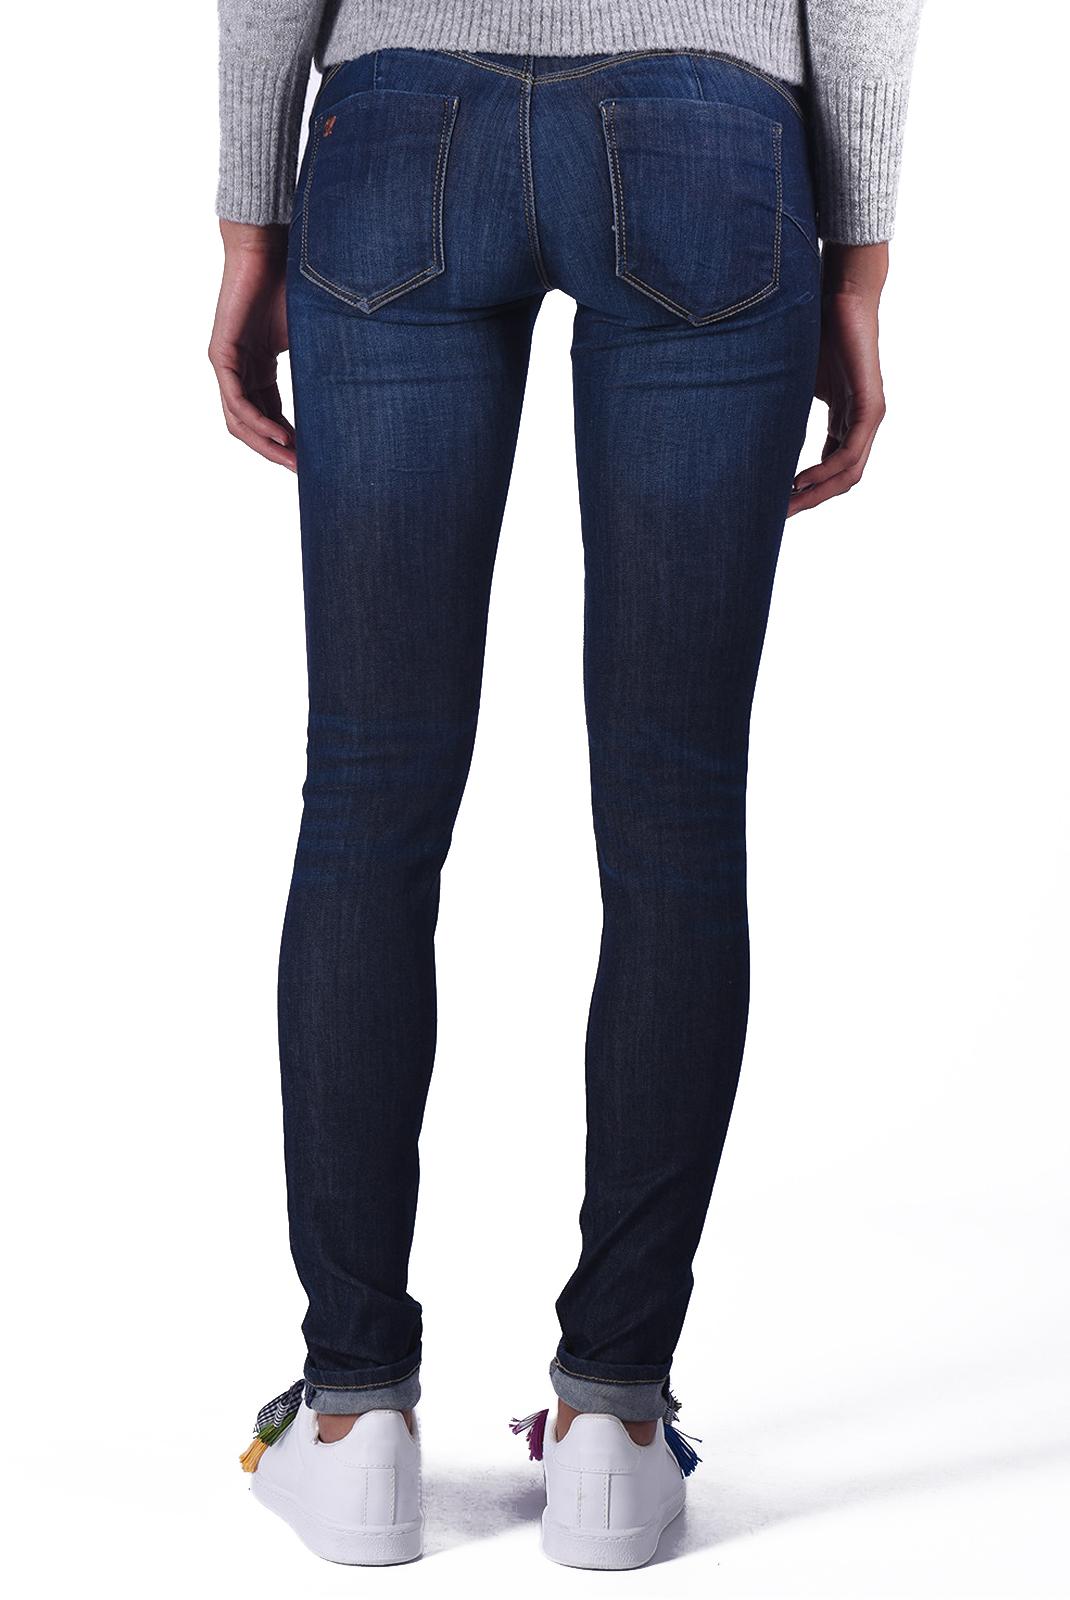 Jeans   Kaporal LOKA H18W7 DARK